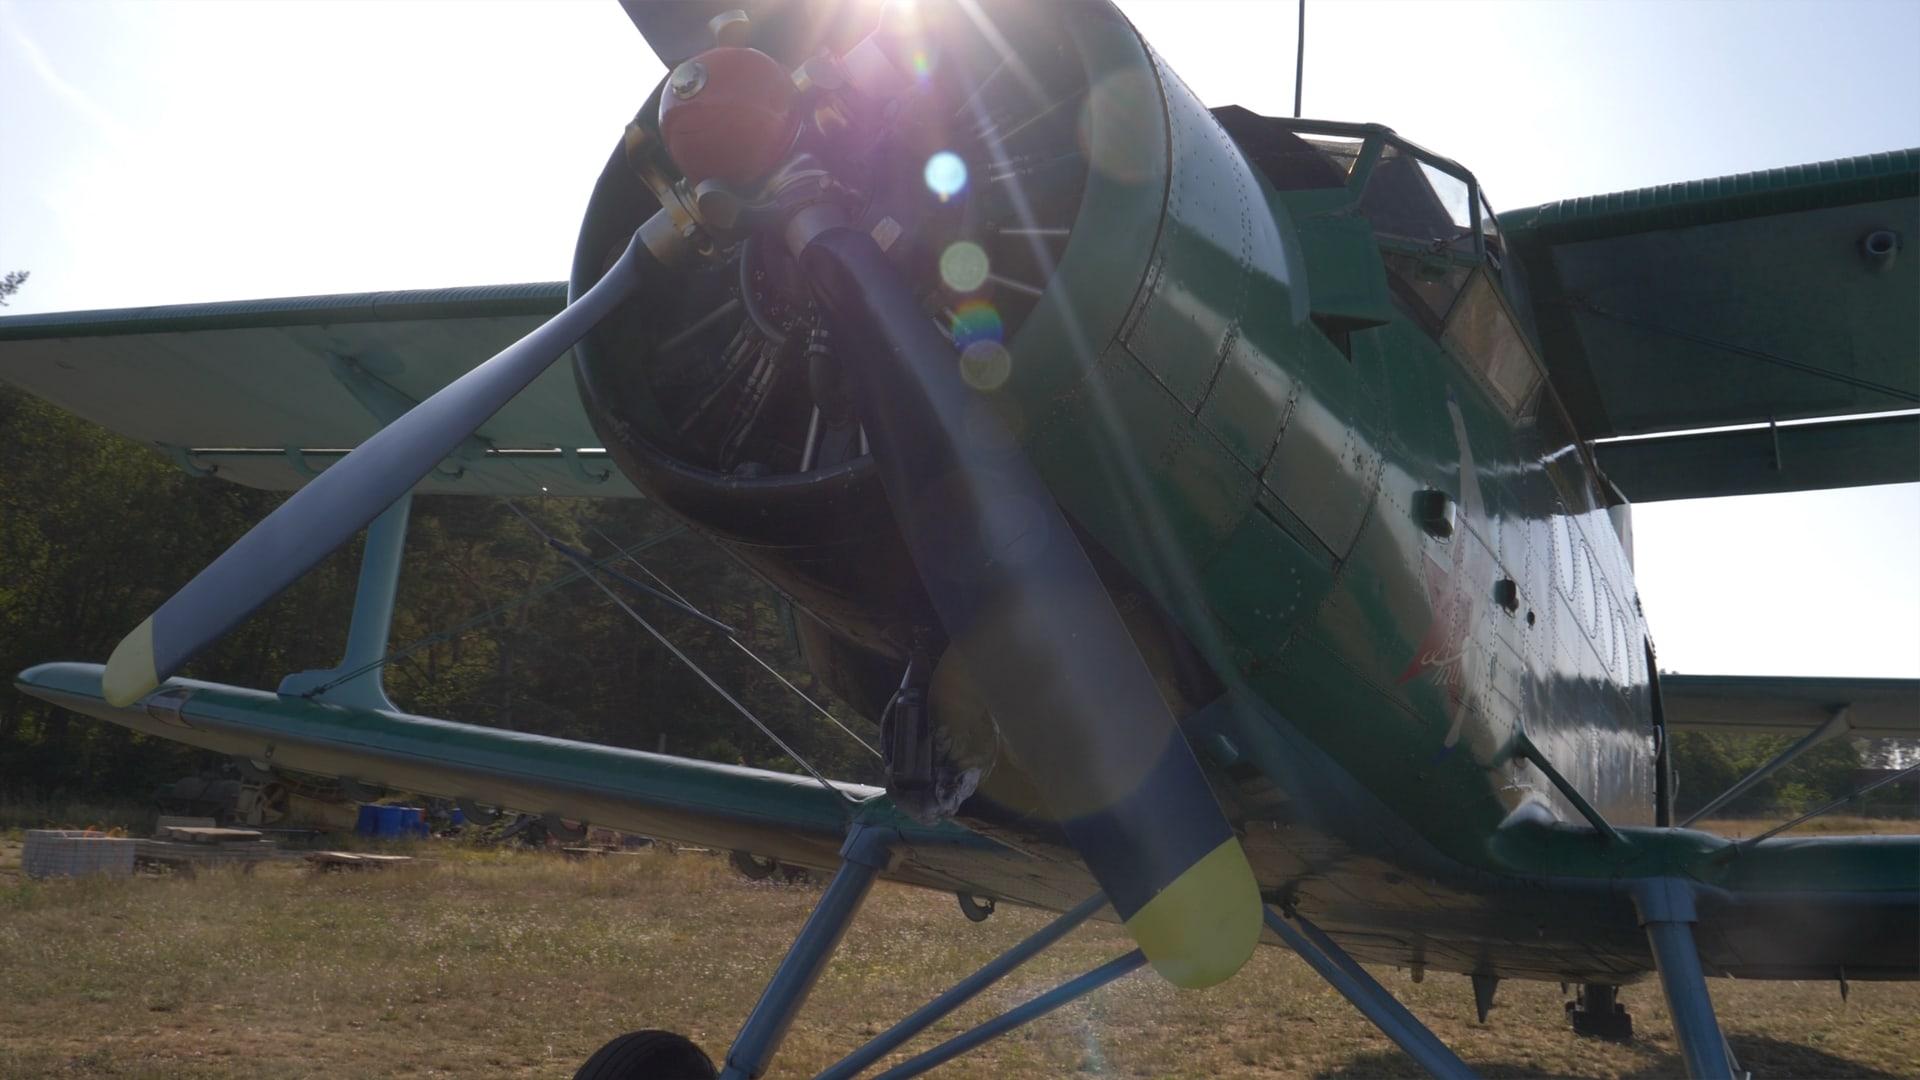 Doppeldecker Propellerflugzeig auf Usedom aufegenommen mit Videographie